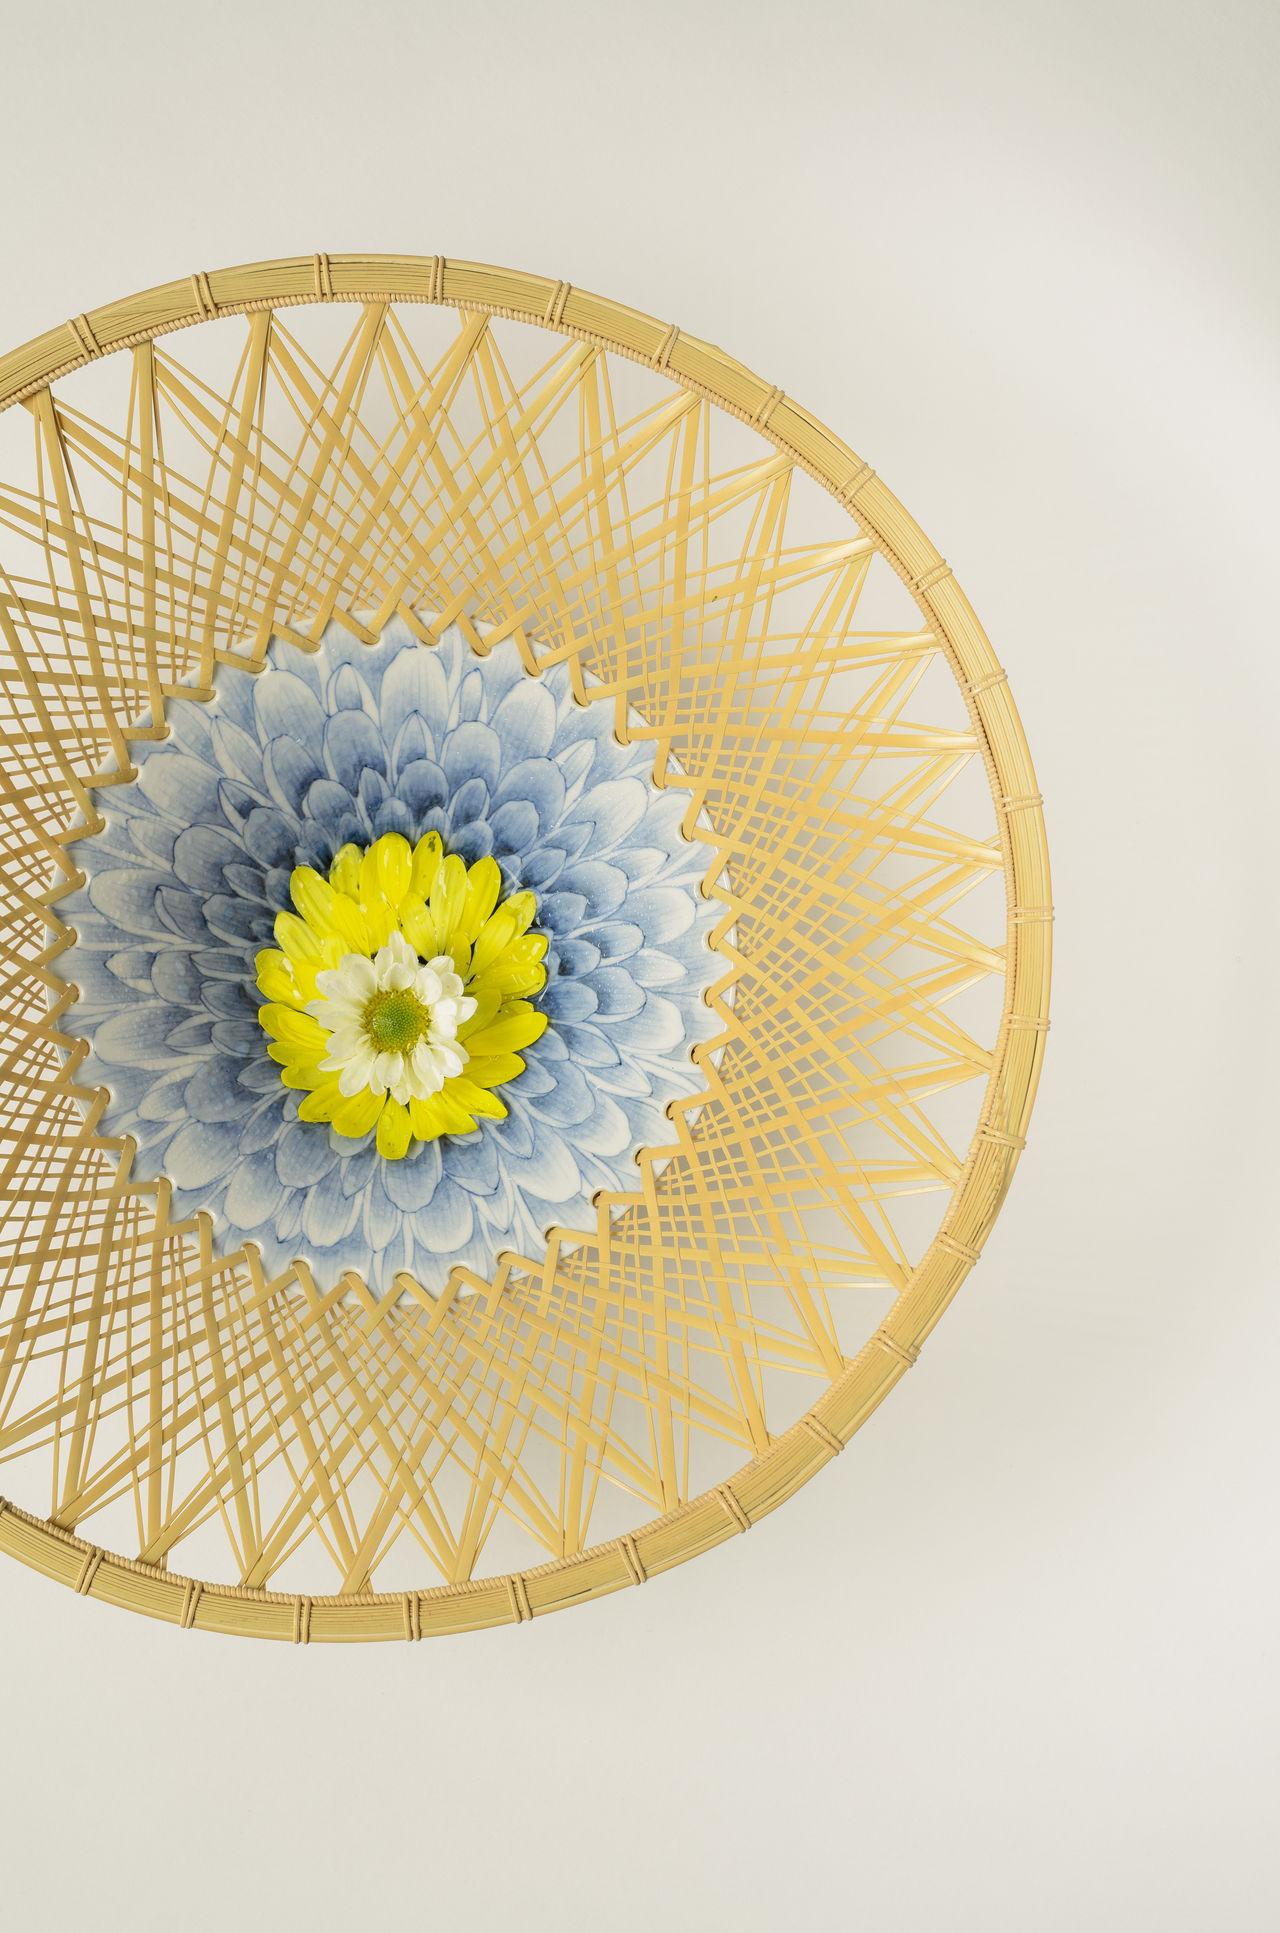 «Хризантема» из серии «Четыре изысканных растения» (Сикунси), которая изображает цветущую сливу, орхидею, бамбук и хризантему. Серия создана в сотрудничестве с Асано Юкико (© Хаясигути Тэцуя)